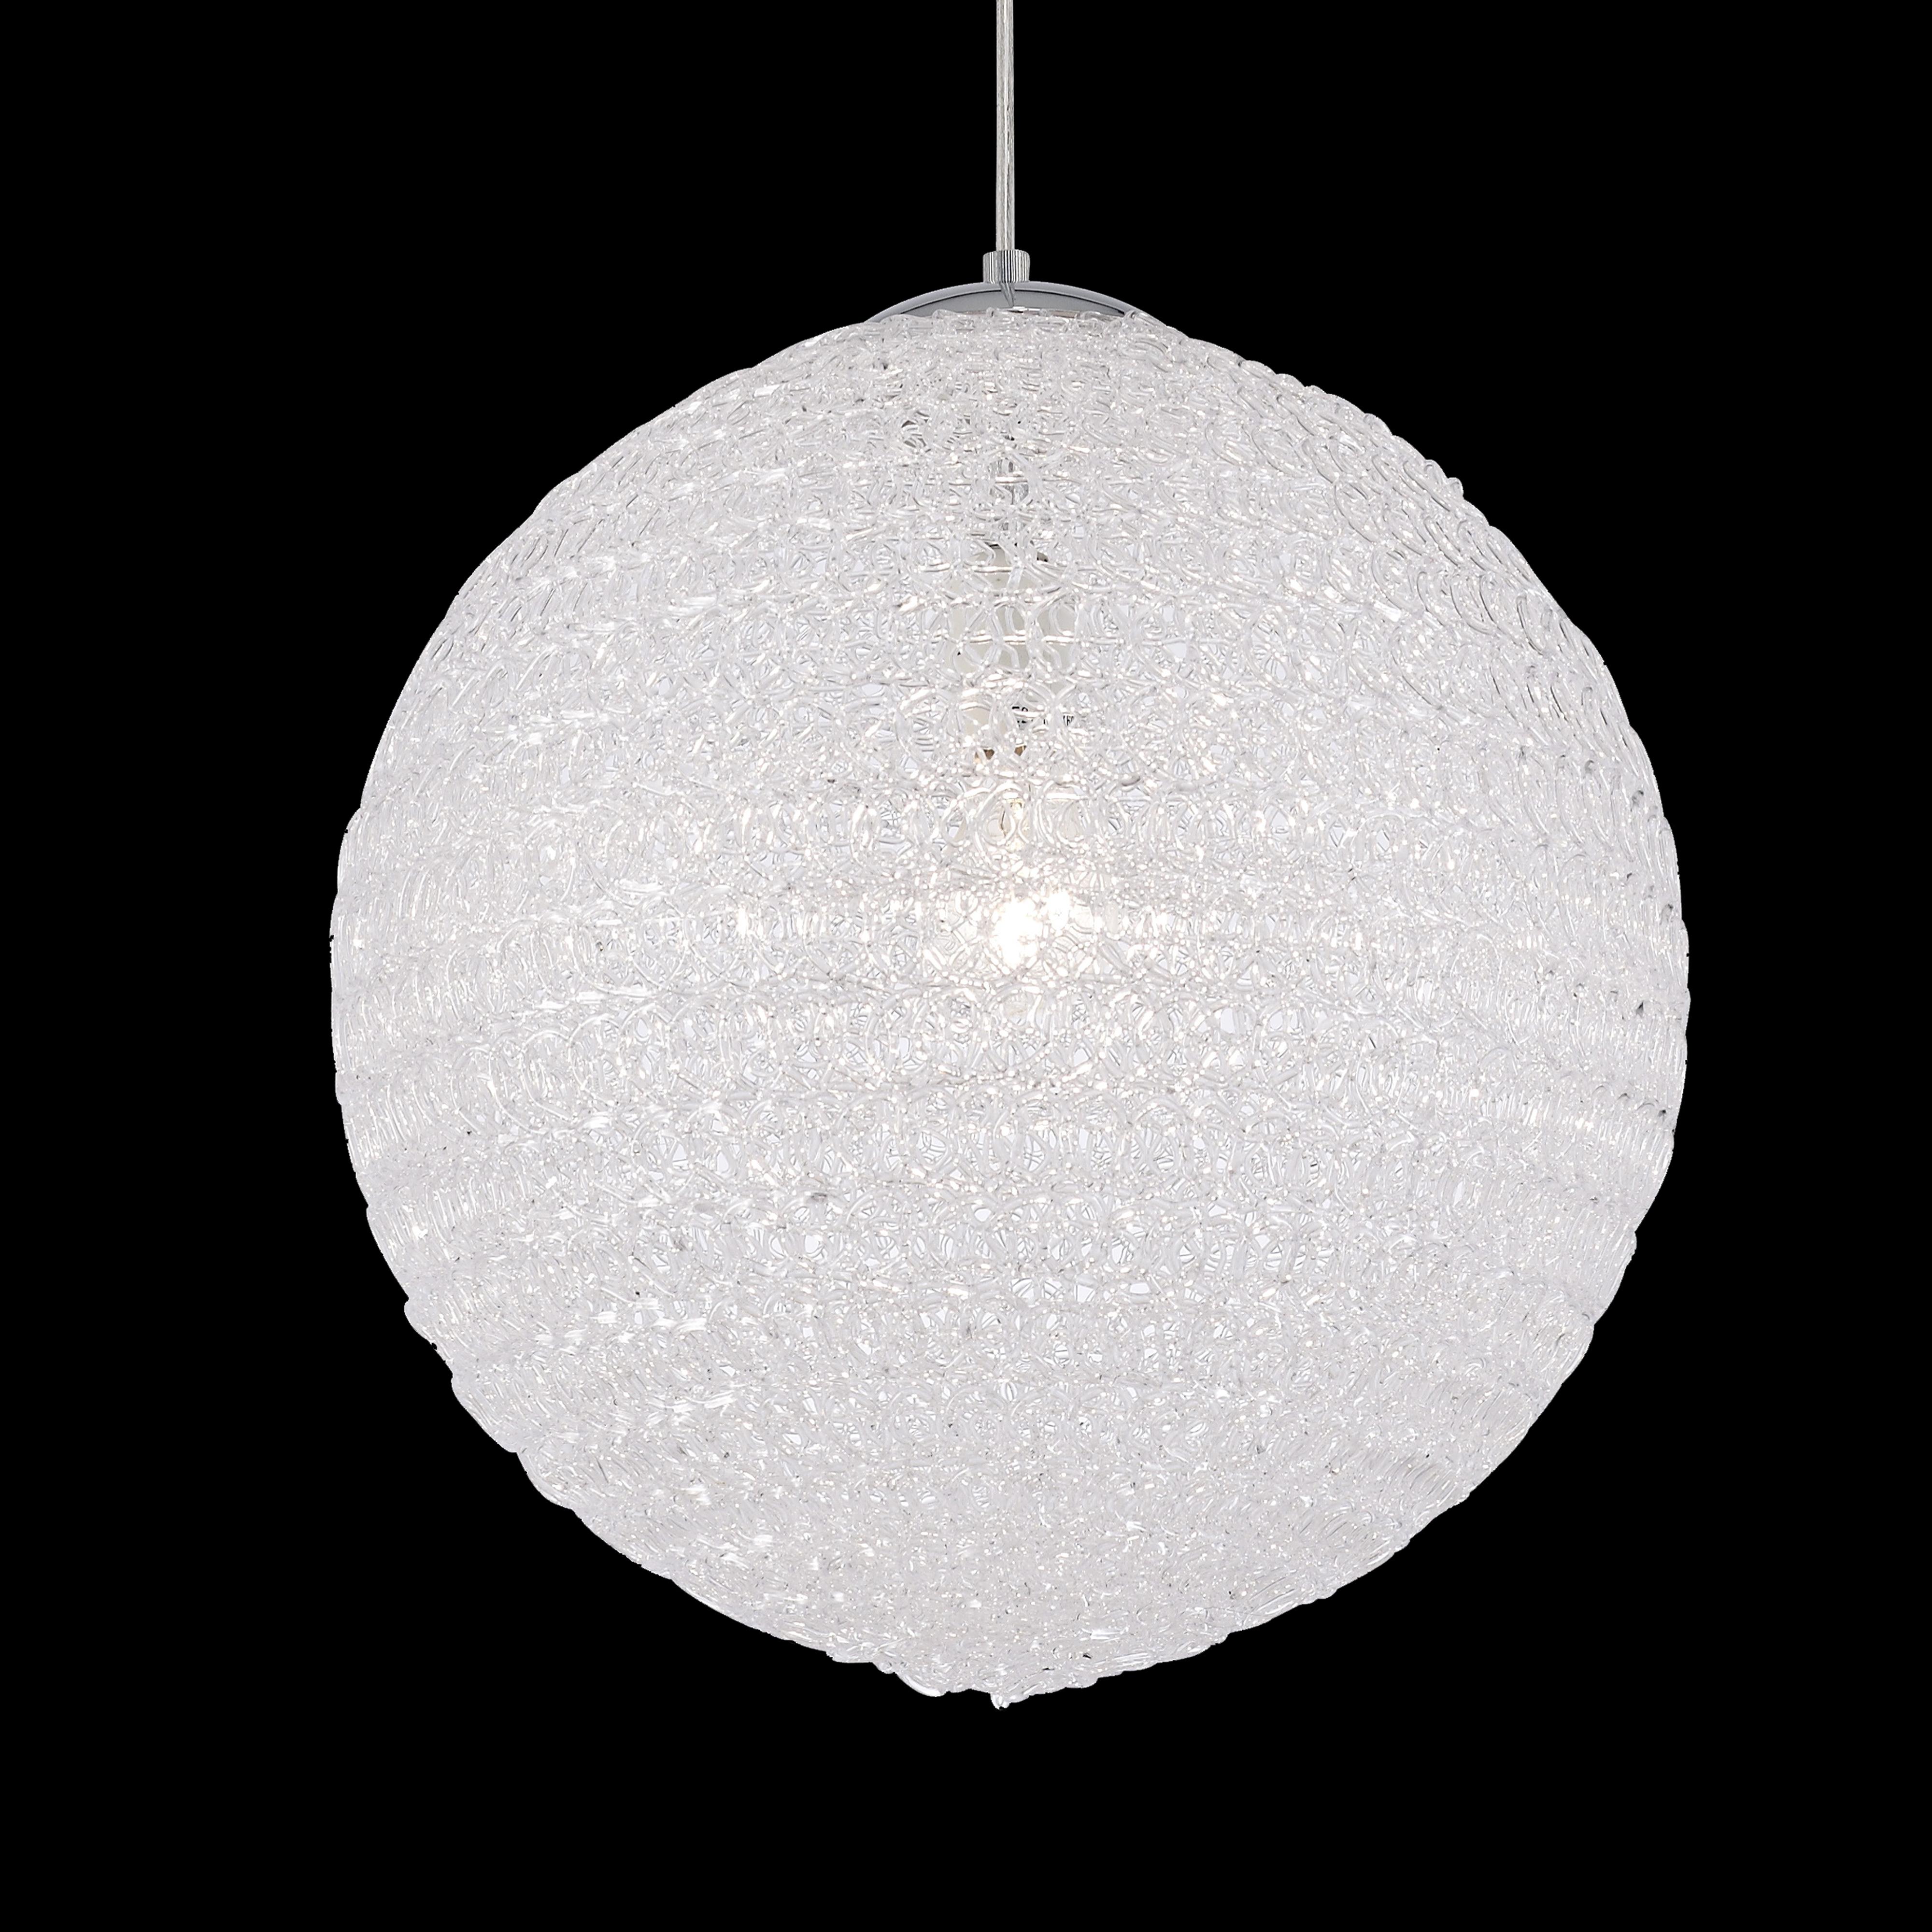 Подвесной светильник Mantra Bola 5711, хром, металл, пластик - фото 3